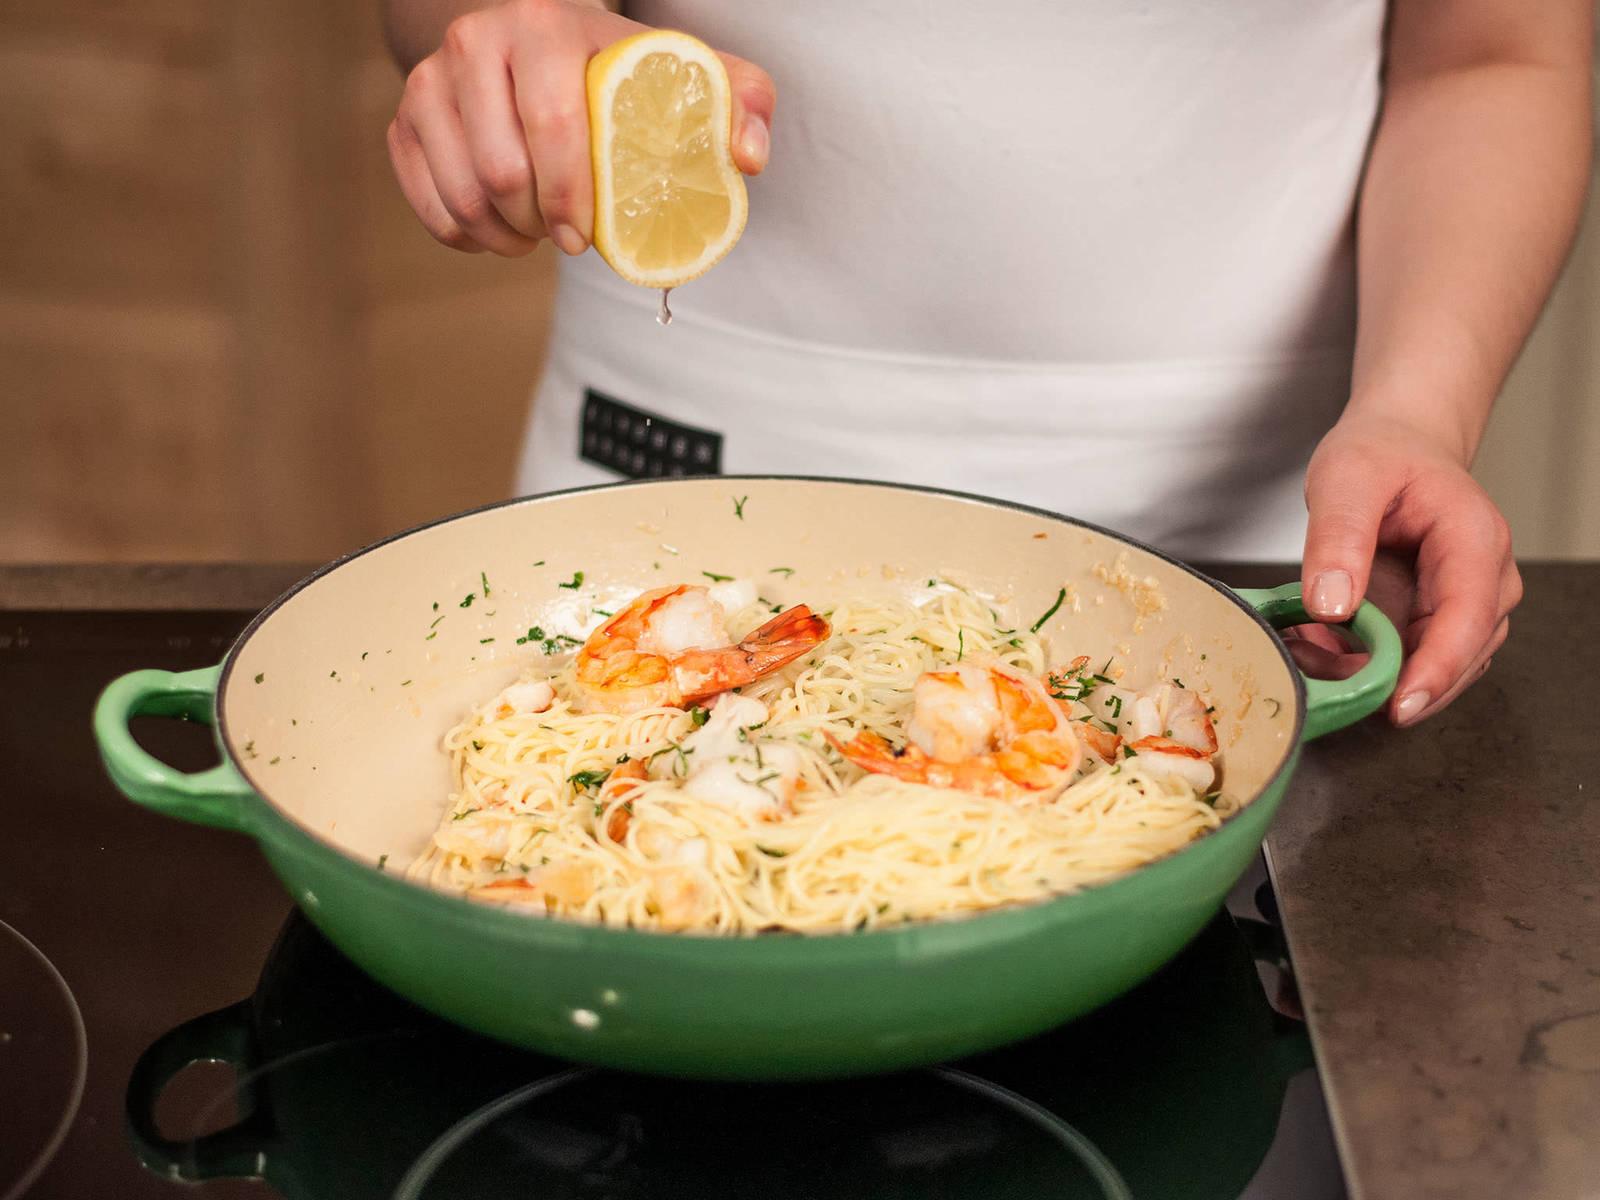 Gekochte Pasta kurz in der Soße schwenken. Zitronensaft hinzugeben. Gehackte Petersilie darüber streuen und in tiefen Tellern servieren.